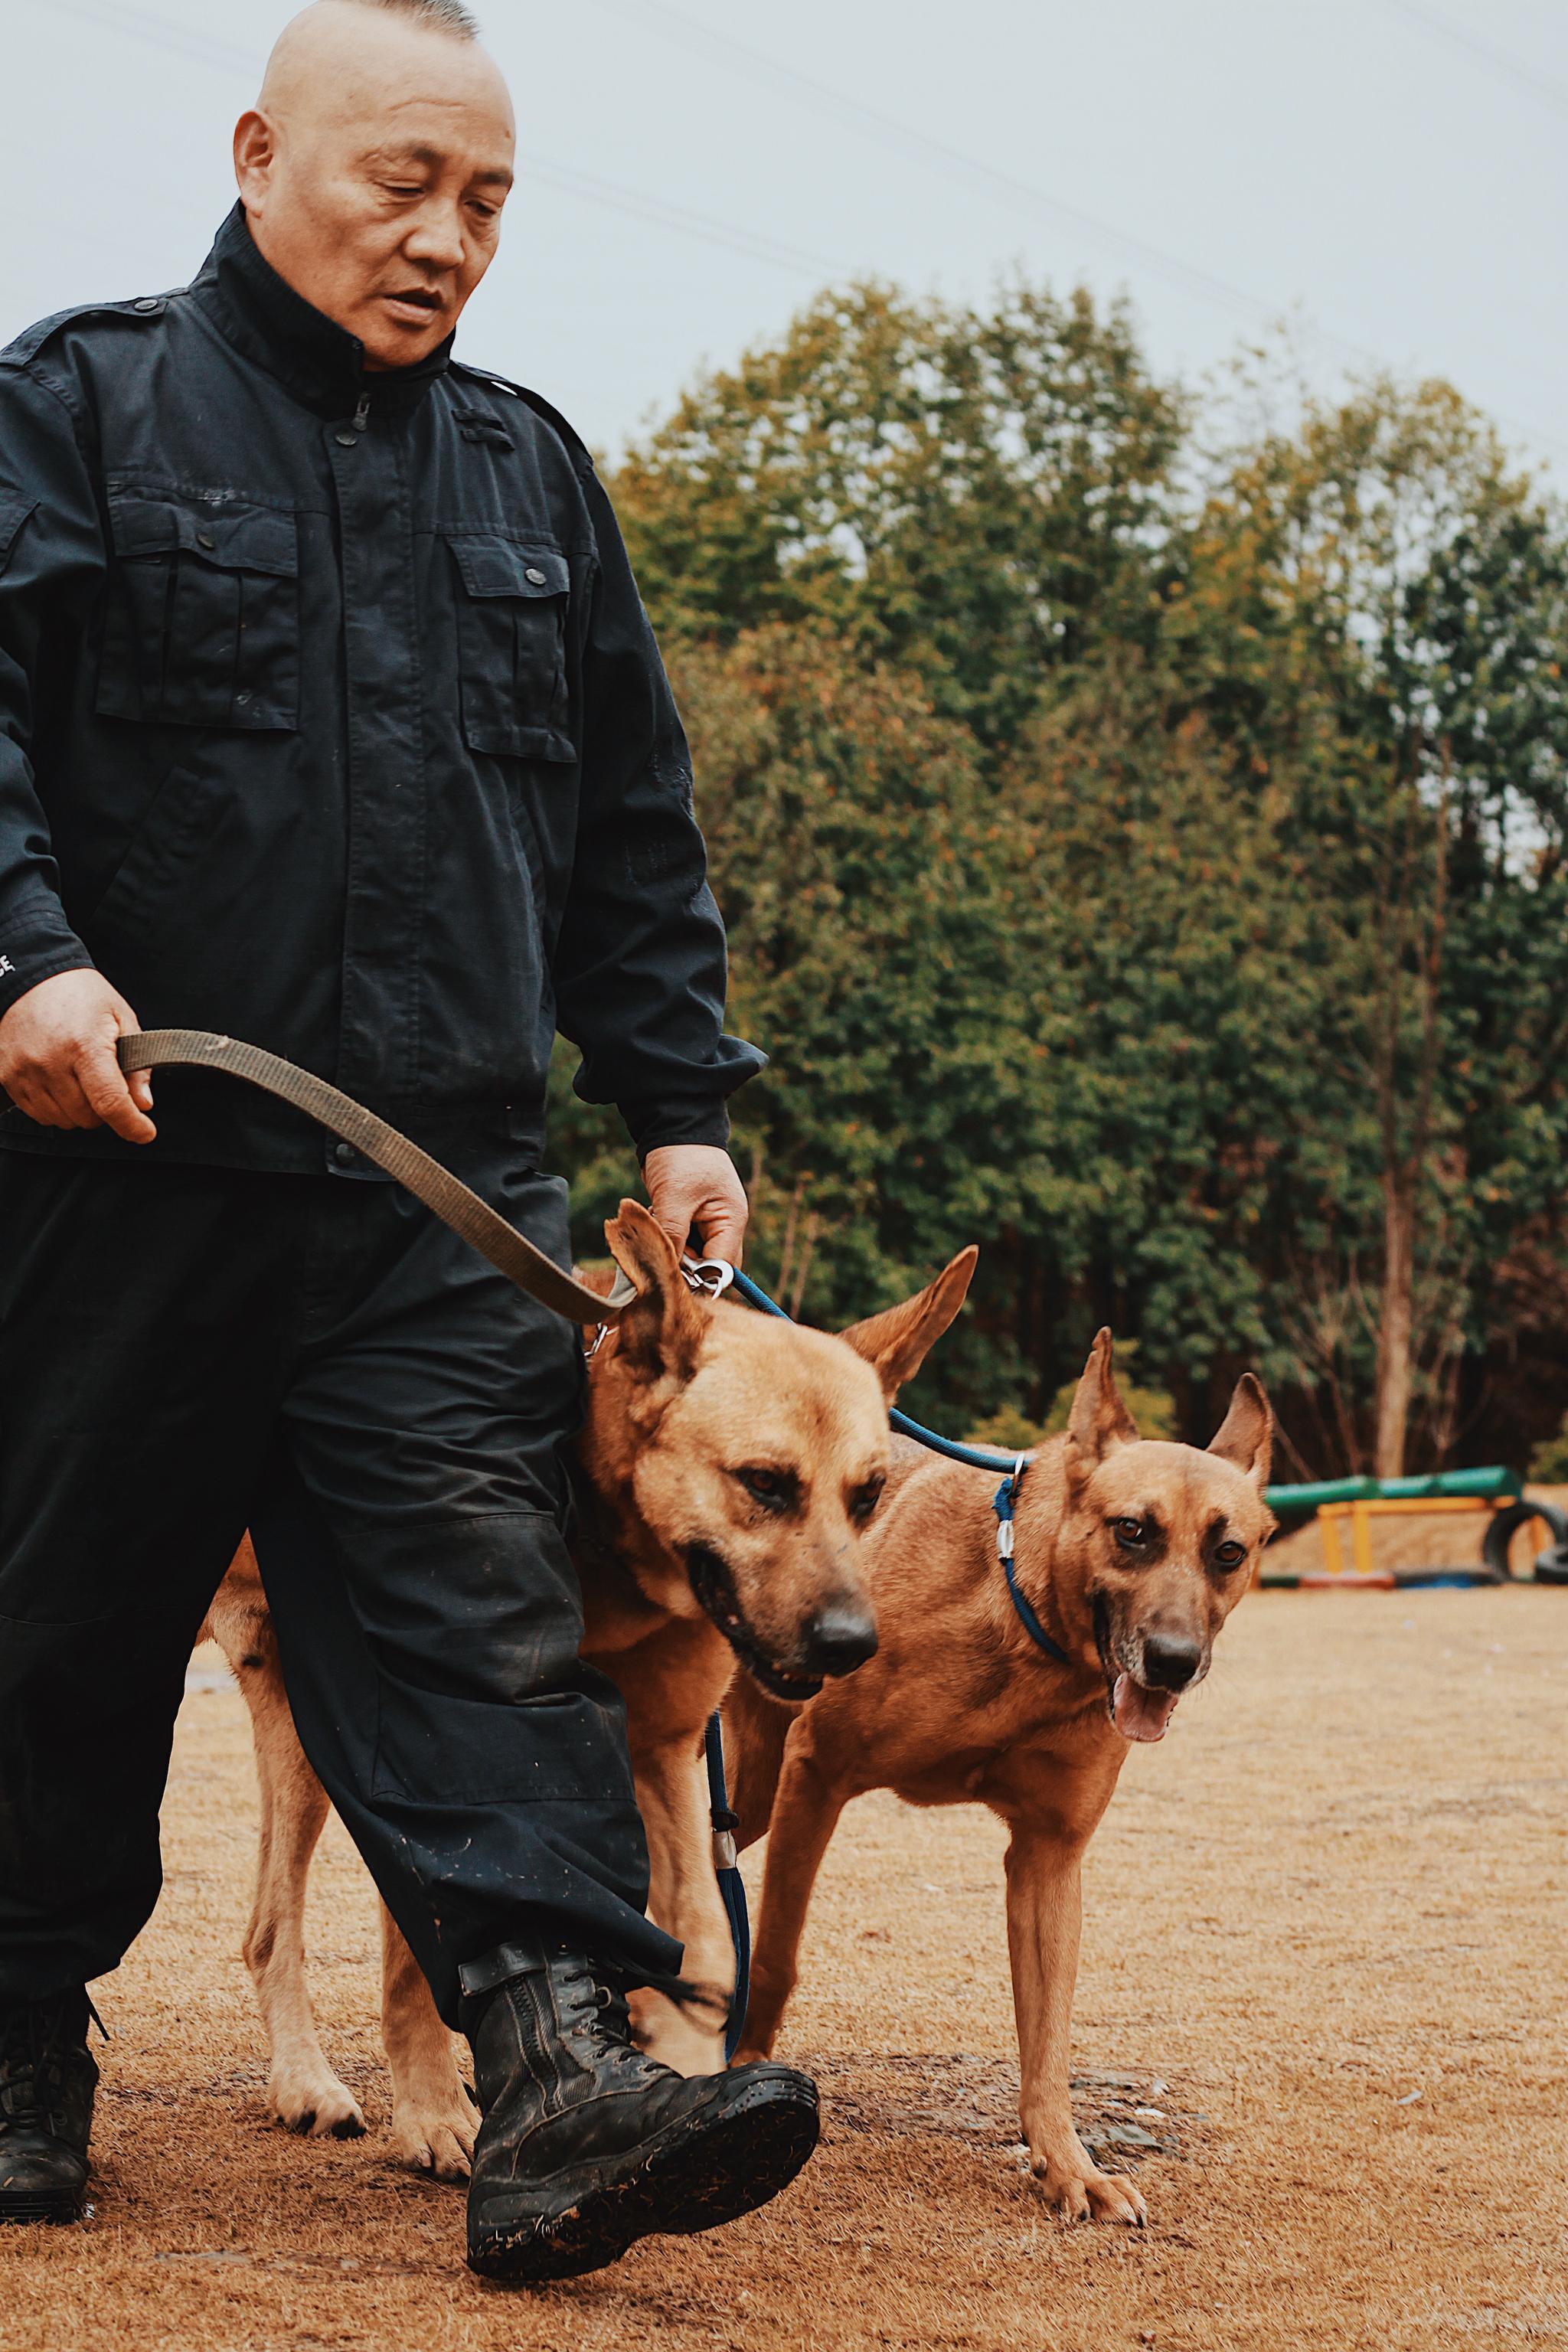 警犬年轻时协助他破案,年迈时需要他照顾,白雁觉得退役的警犬就像家里的老人一样。